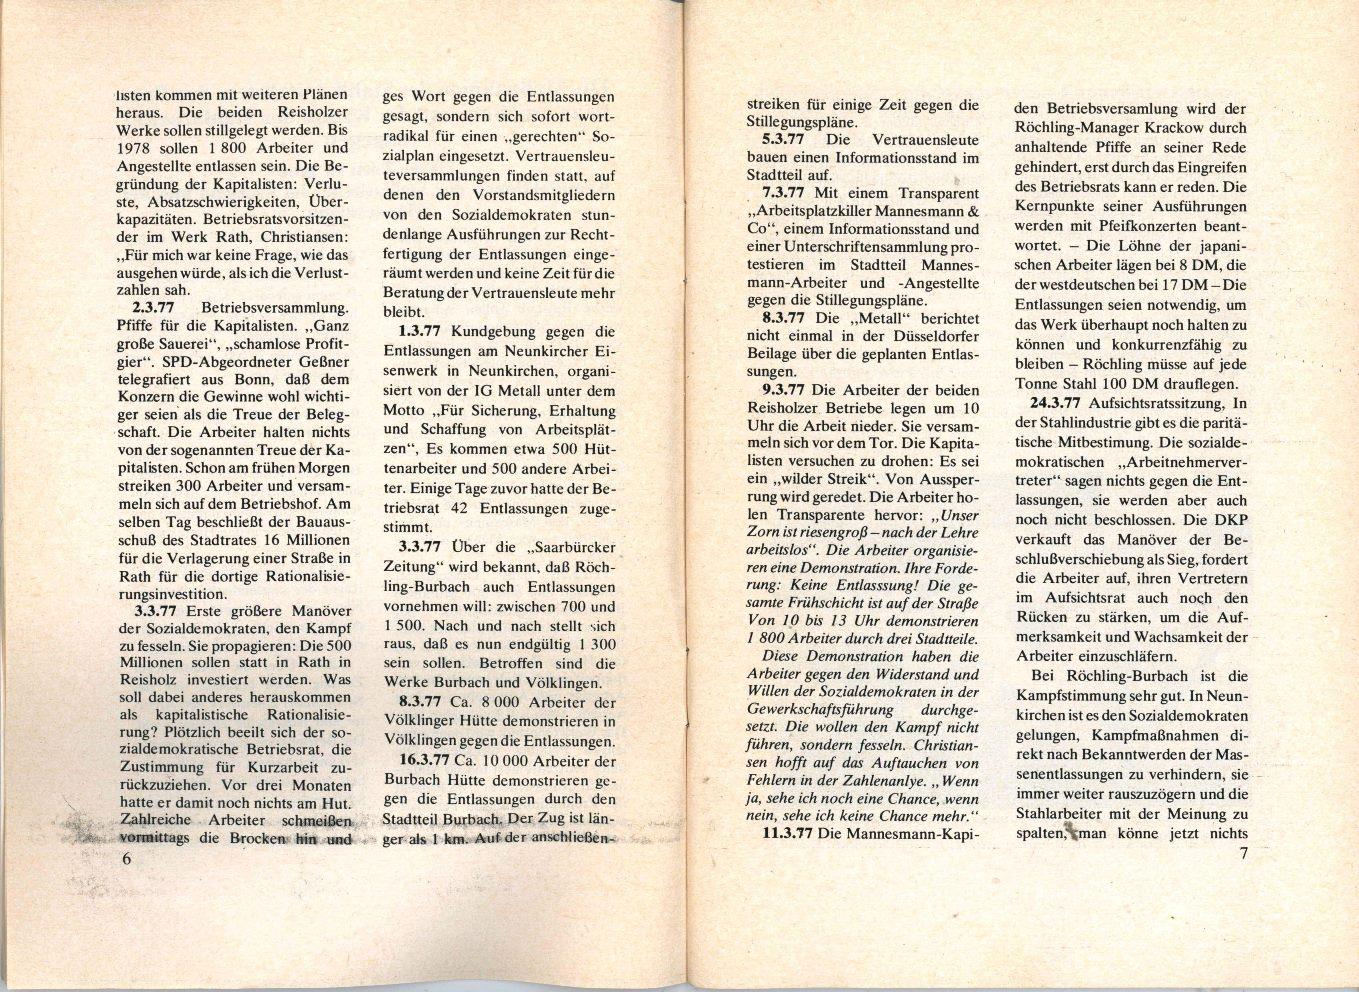 IGM_KBW_Krise_in_der_Stahlindustrie_1977_05